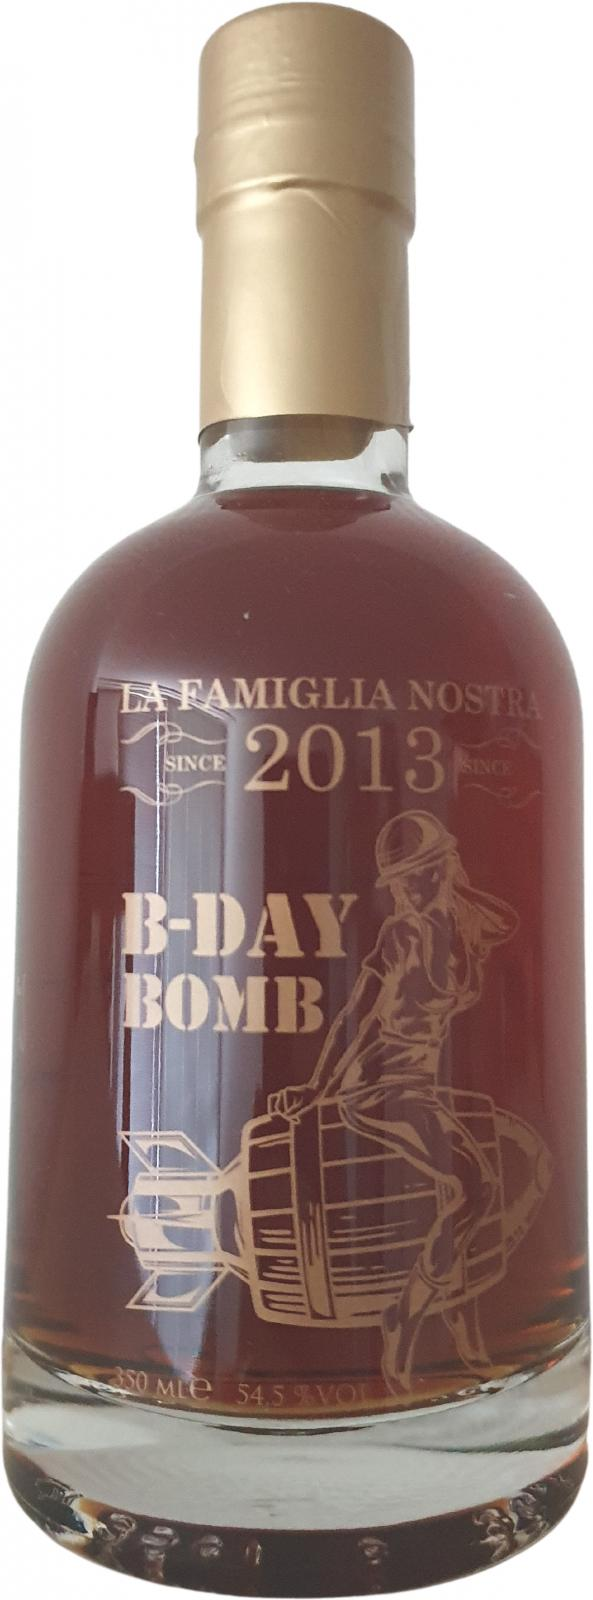 La Famiglia Nostra B-Day Bomb LFN